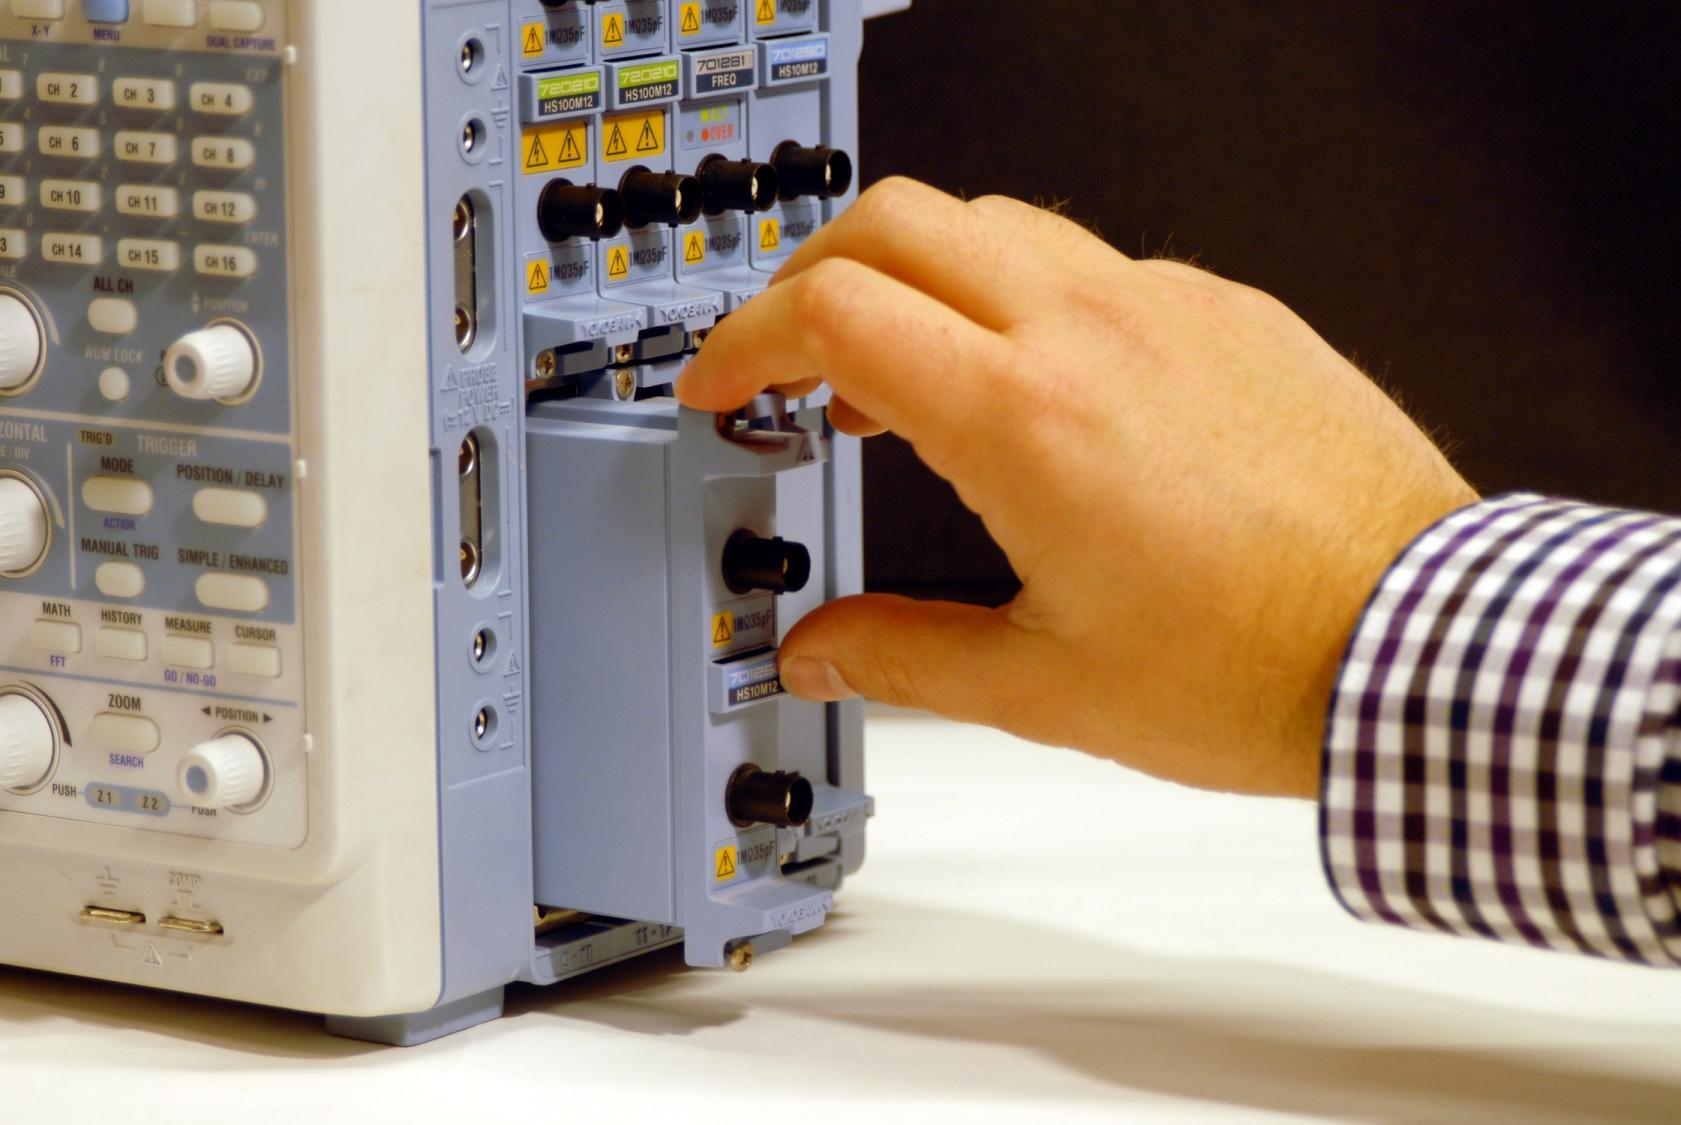 Yokogawa plug-in modules for DAQ recorders